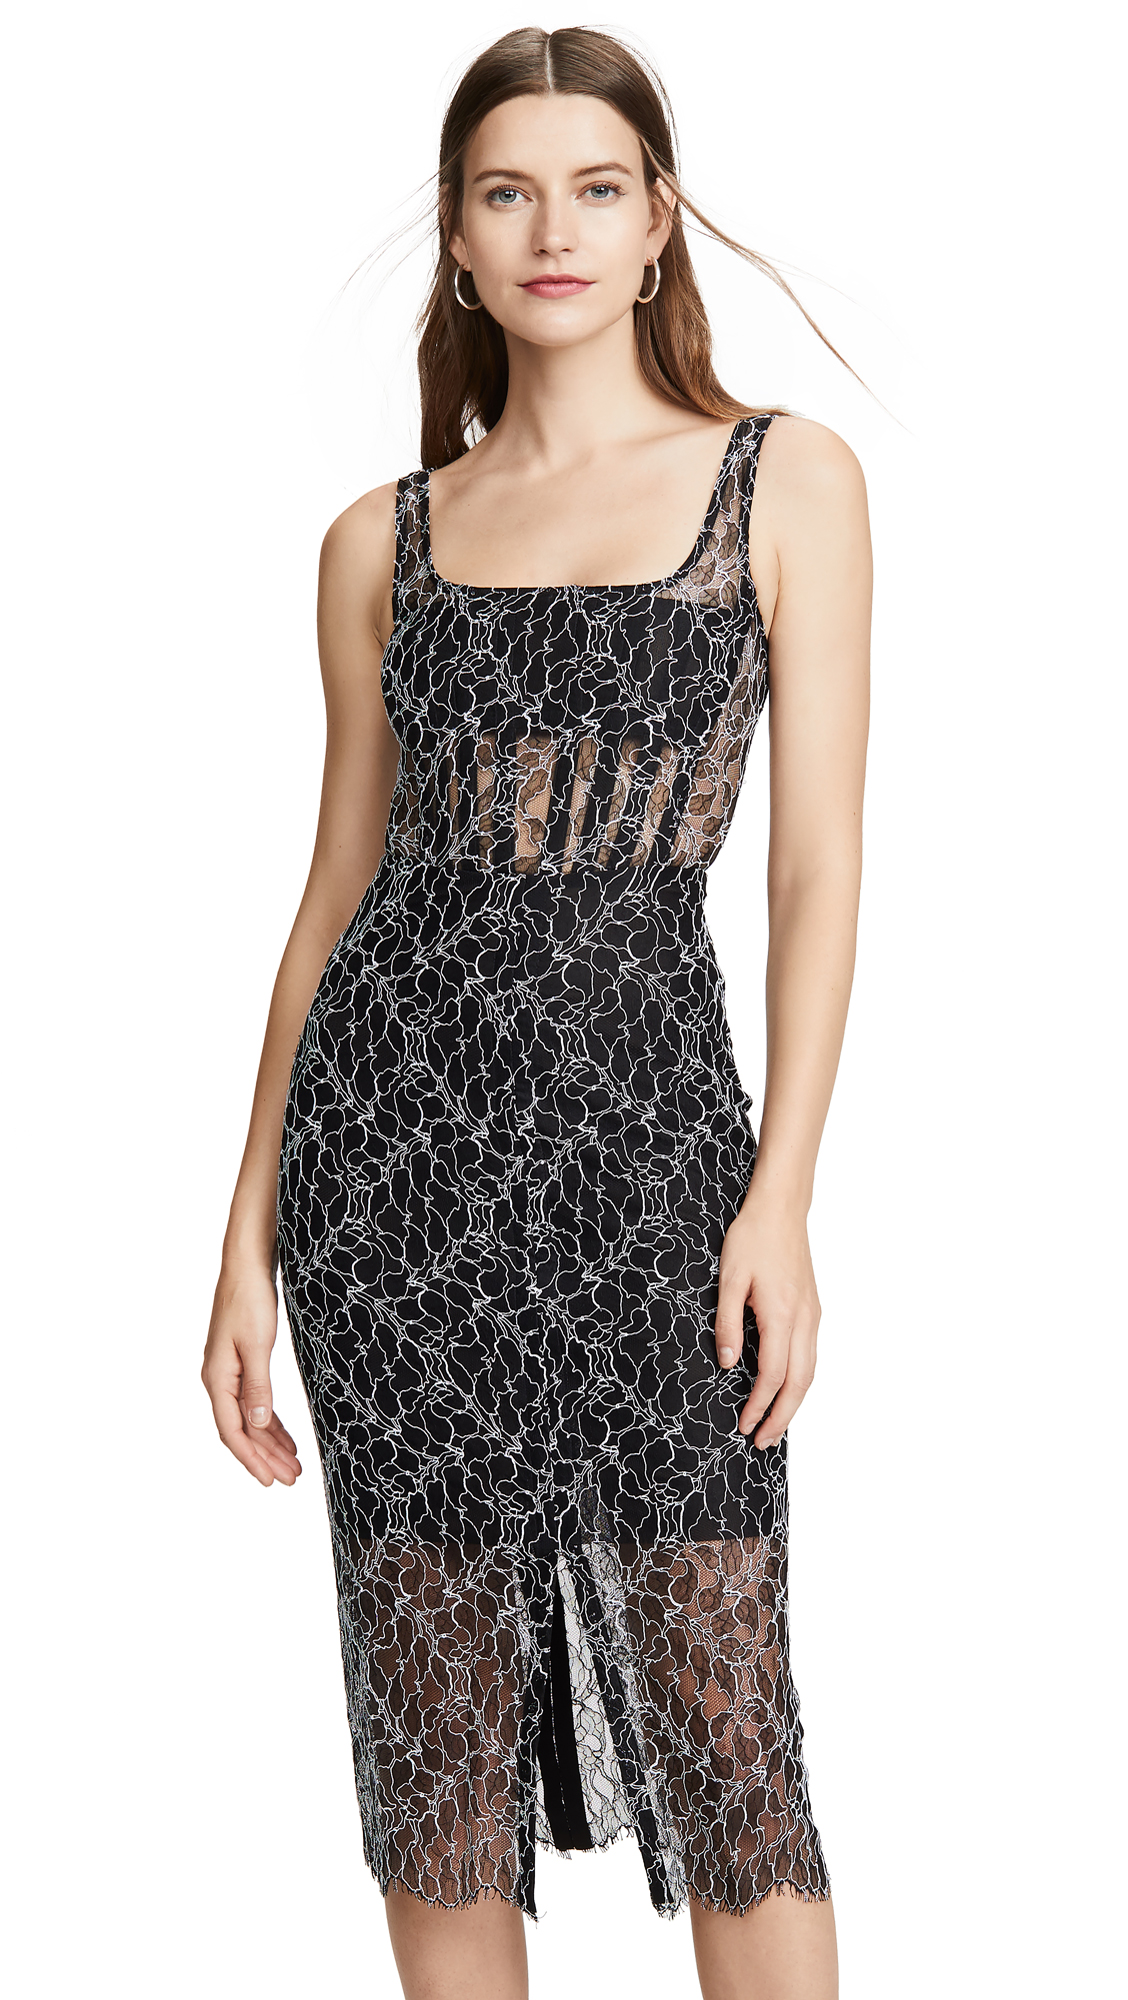 Dion Lee Vein Lace Corset Dress - 70% Off Sale